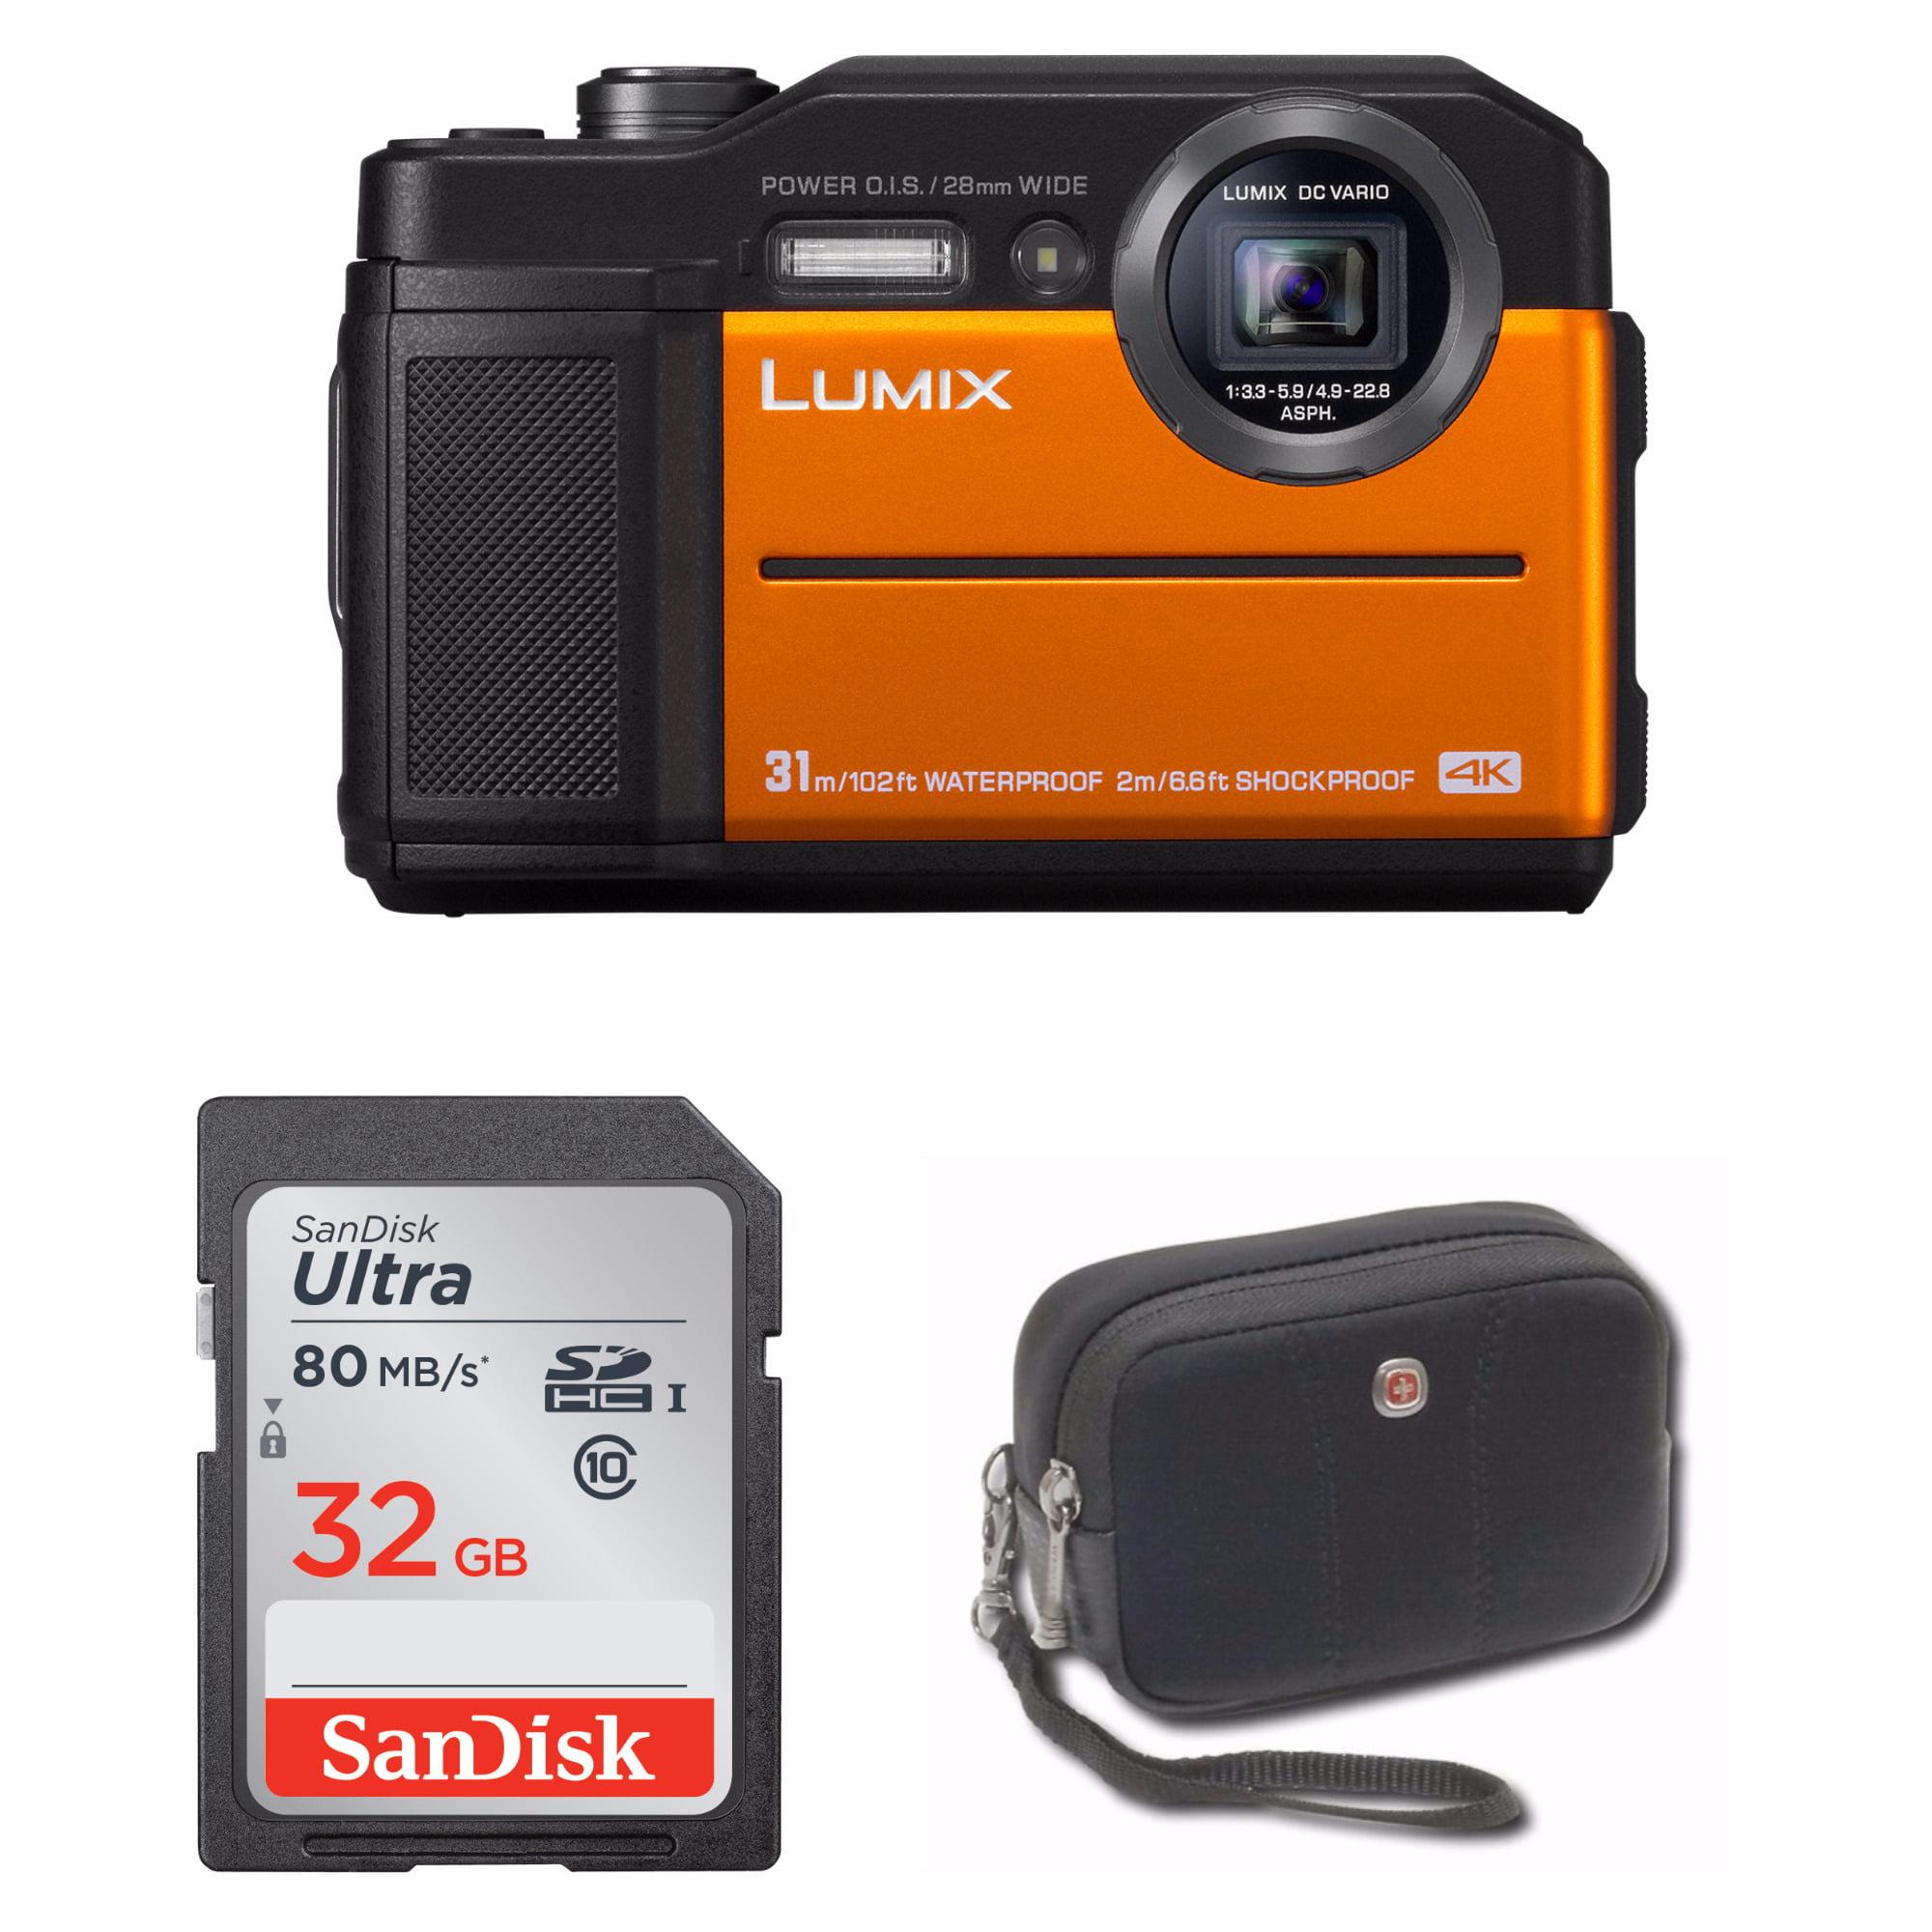 Panasonic DC-TS7A Lumix TS7 4K Waterproof Tough Camera (Orange) Bundle